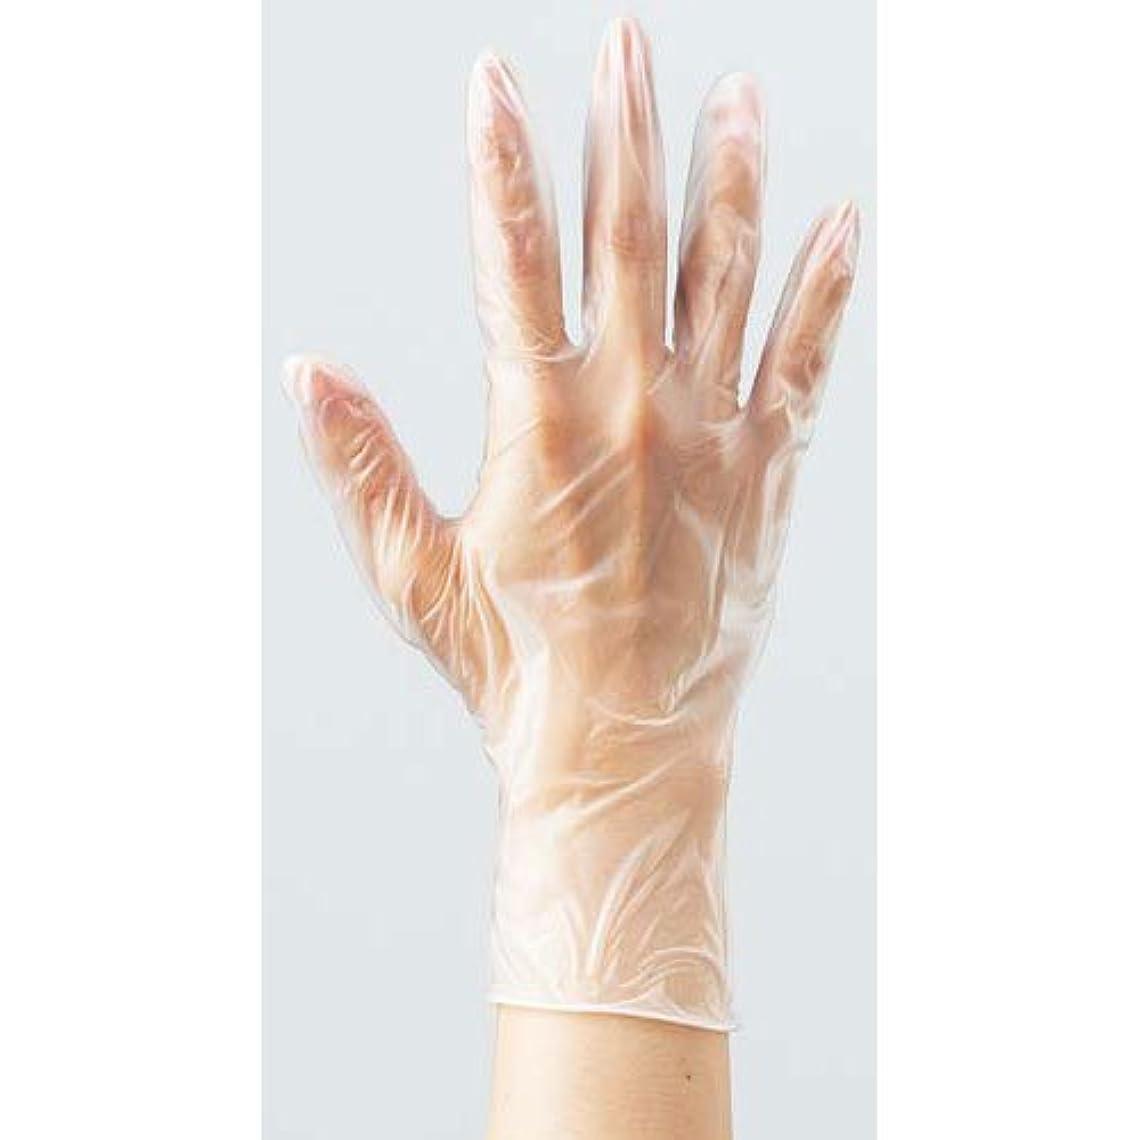 さまよう儀式センターカウネット プラスチック手袋 袋入 粉無M 100枚